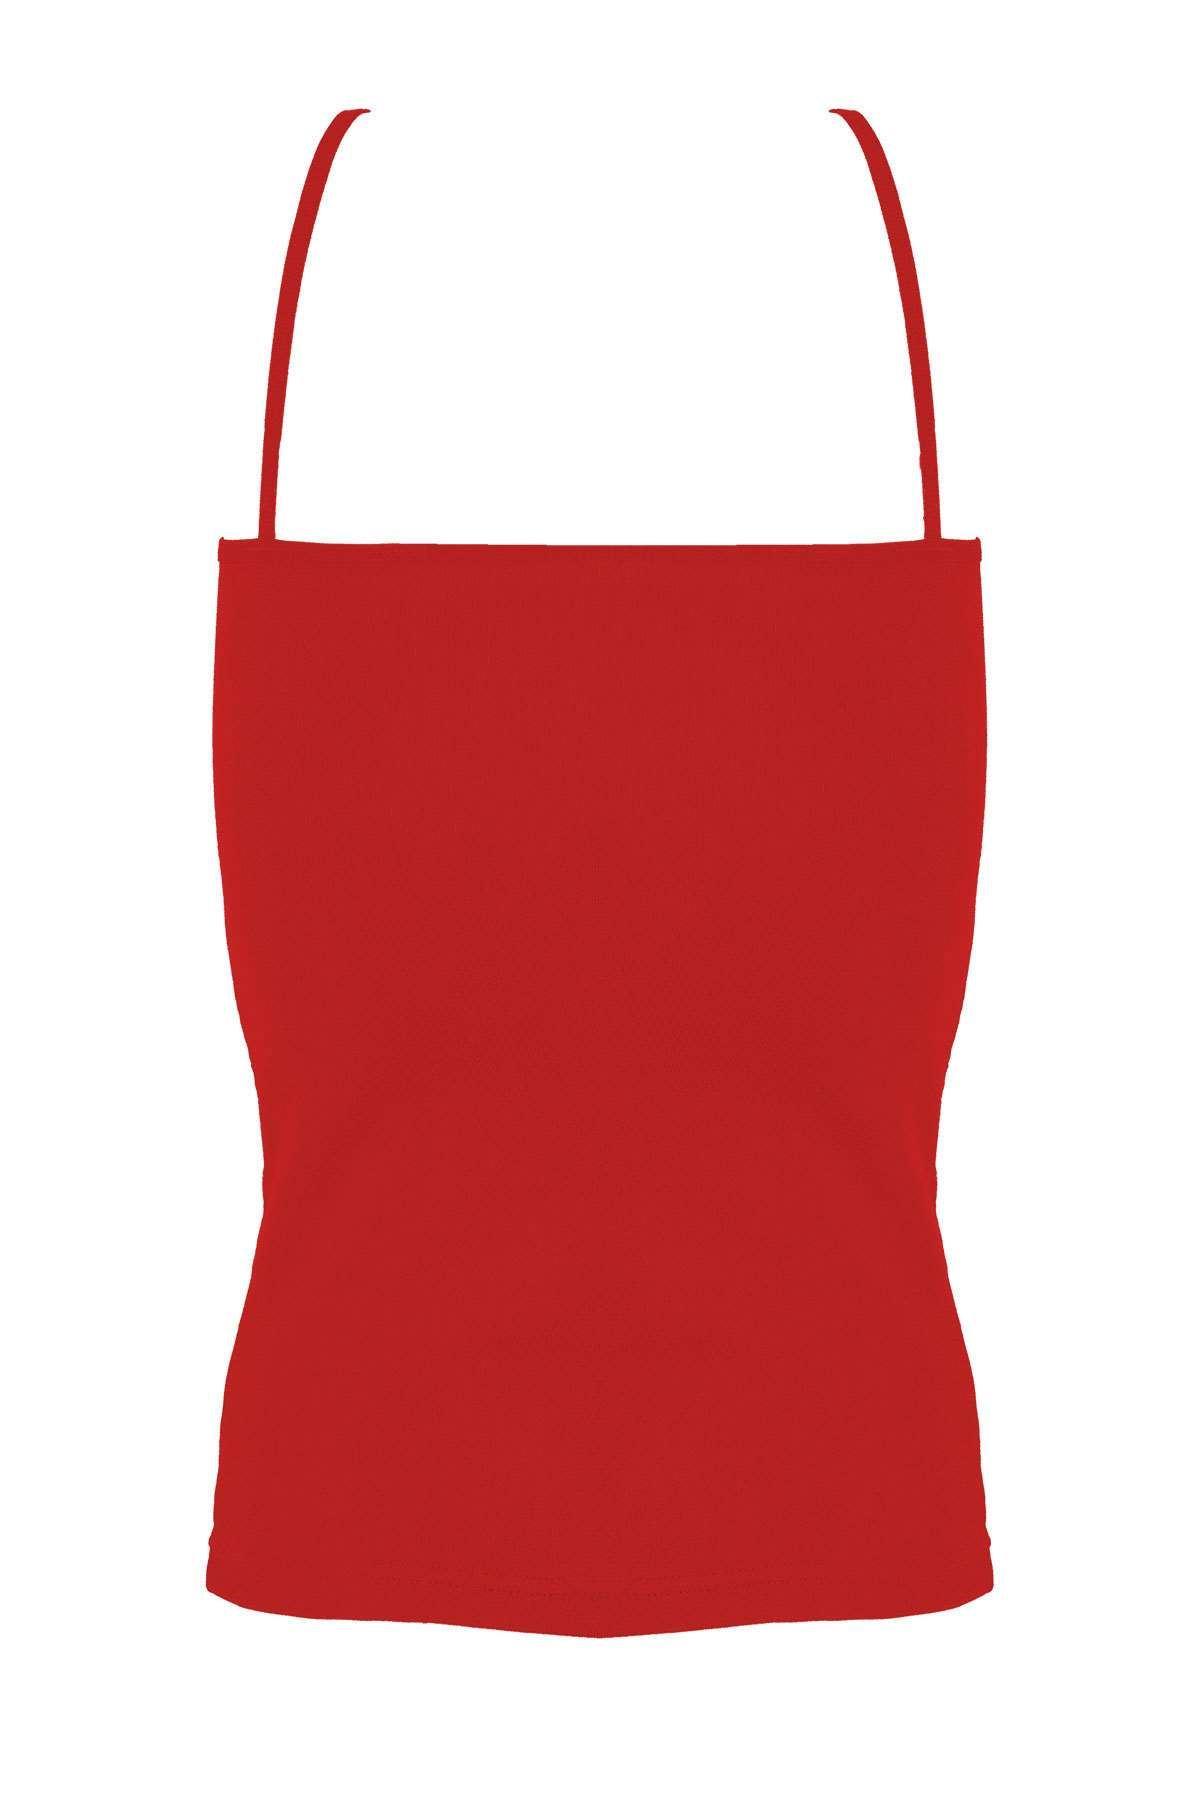 Önü Transparan Yıldızlı İp Askılı Kadın Atlet Kırmızı